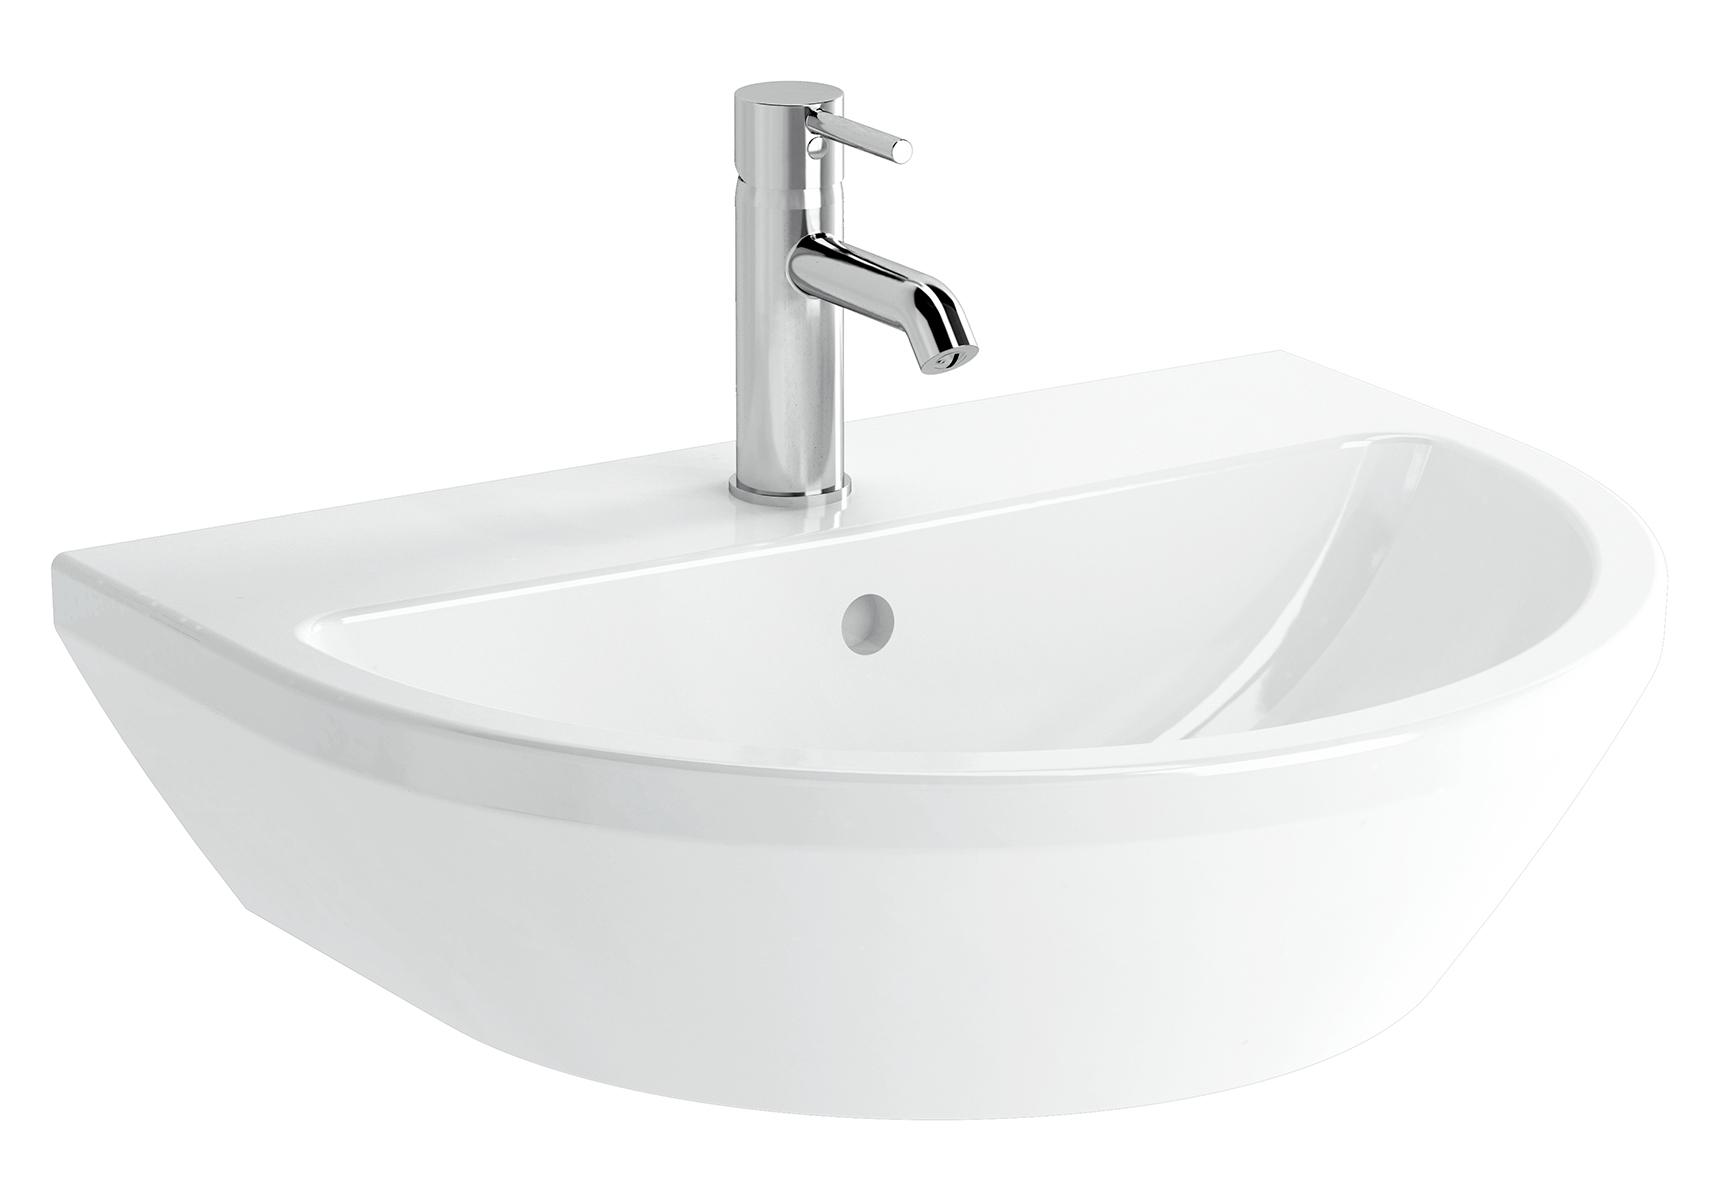 Integra lavabo rond, 60 cm, sans trou de robinet, sans trop-plein